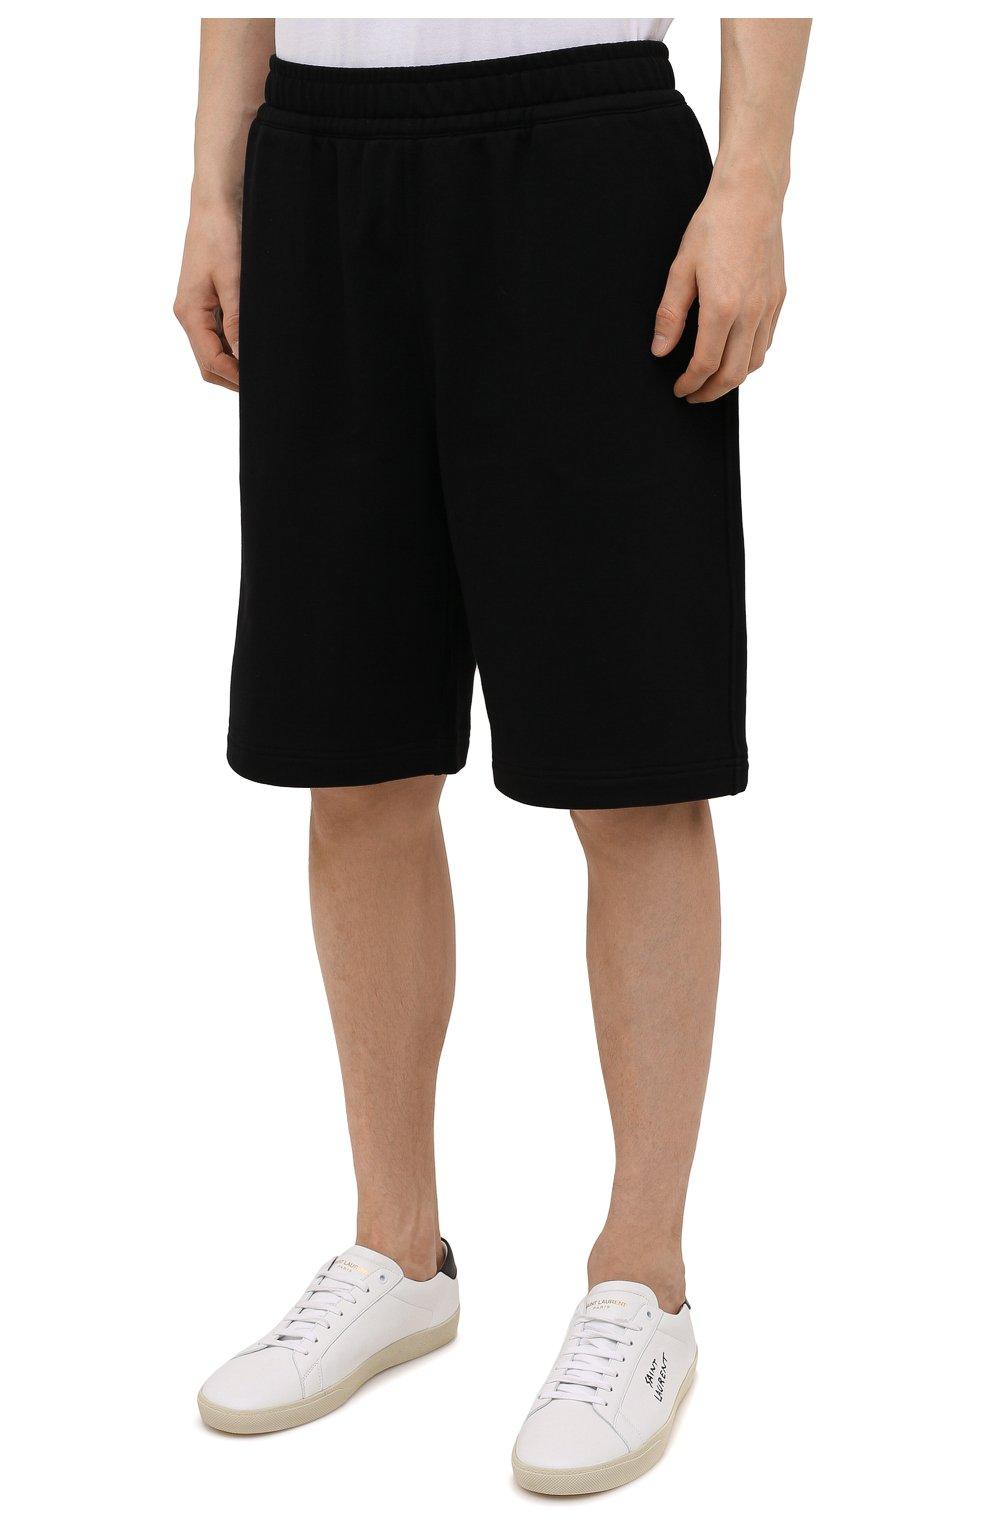 Мужские хлопковые шорты BURBERRY черного цвета, арт. 8043279 | Фото 3 (Длина Шорты М: Ниже колена; Принт: С принтом; Кросс-КТ: Трикотаж; Материал внешний: Хлопок; Стили: Спорт-шик)